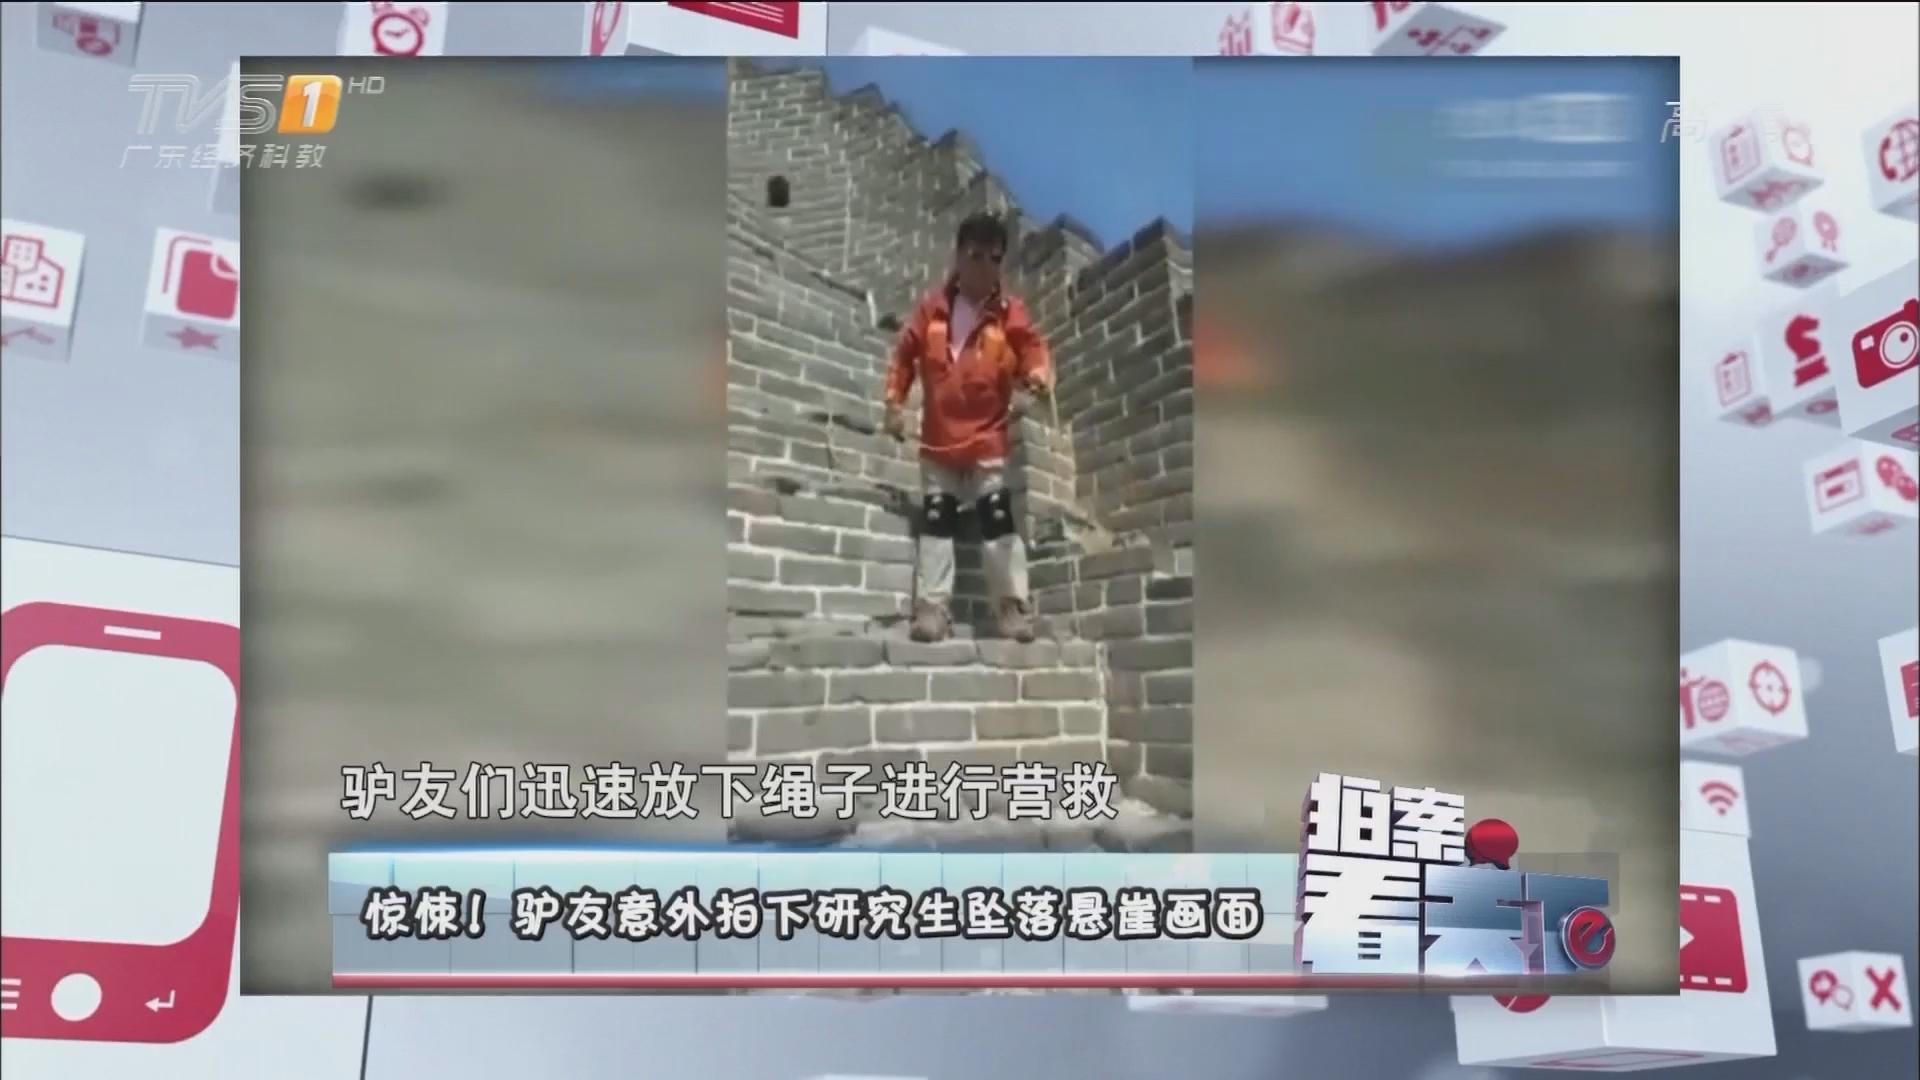 惊悚!驴友意外拍下研究生坠落悬崖画面